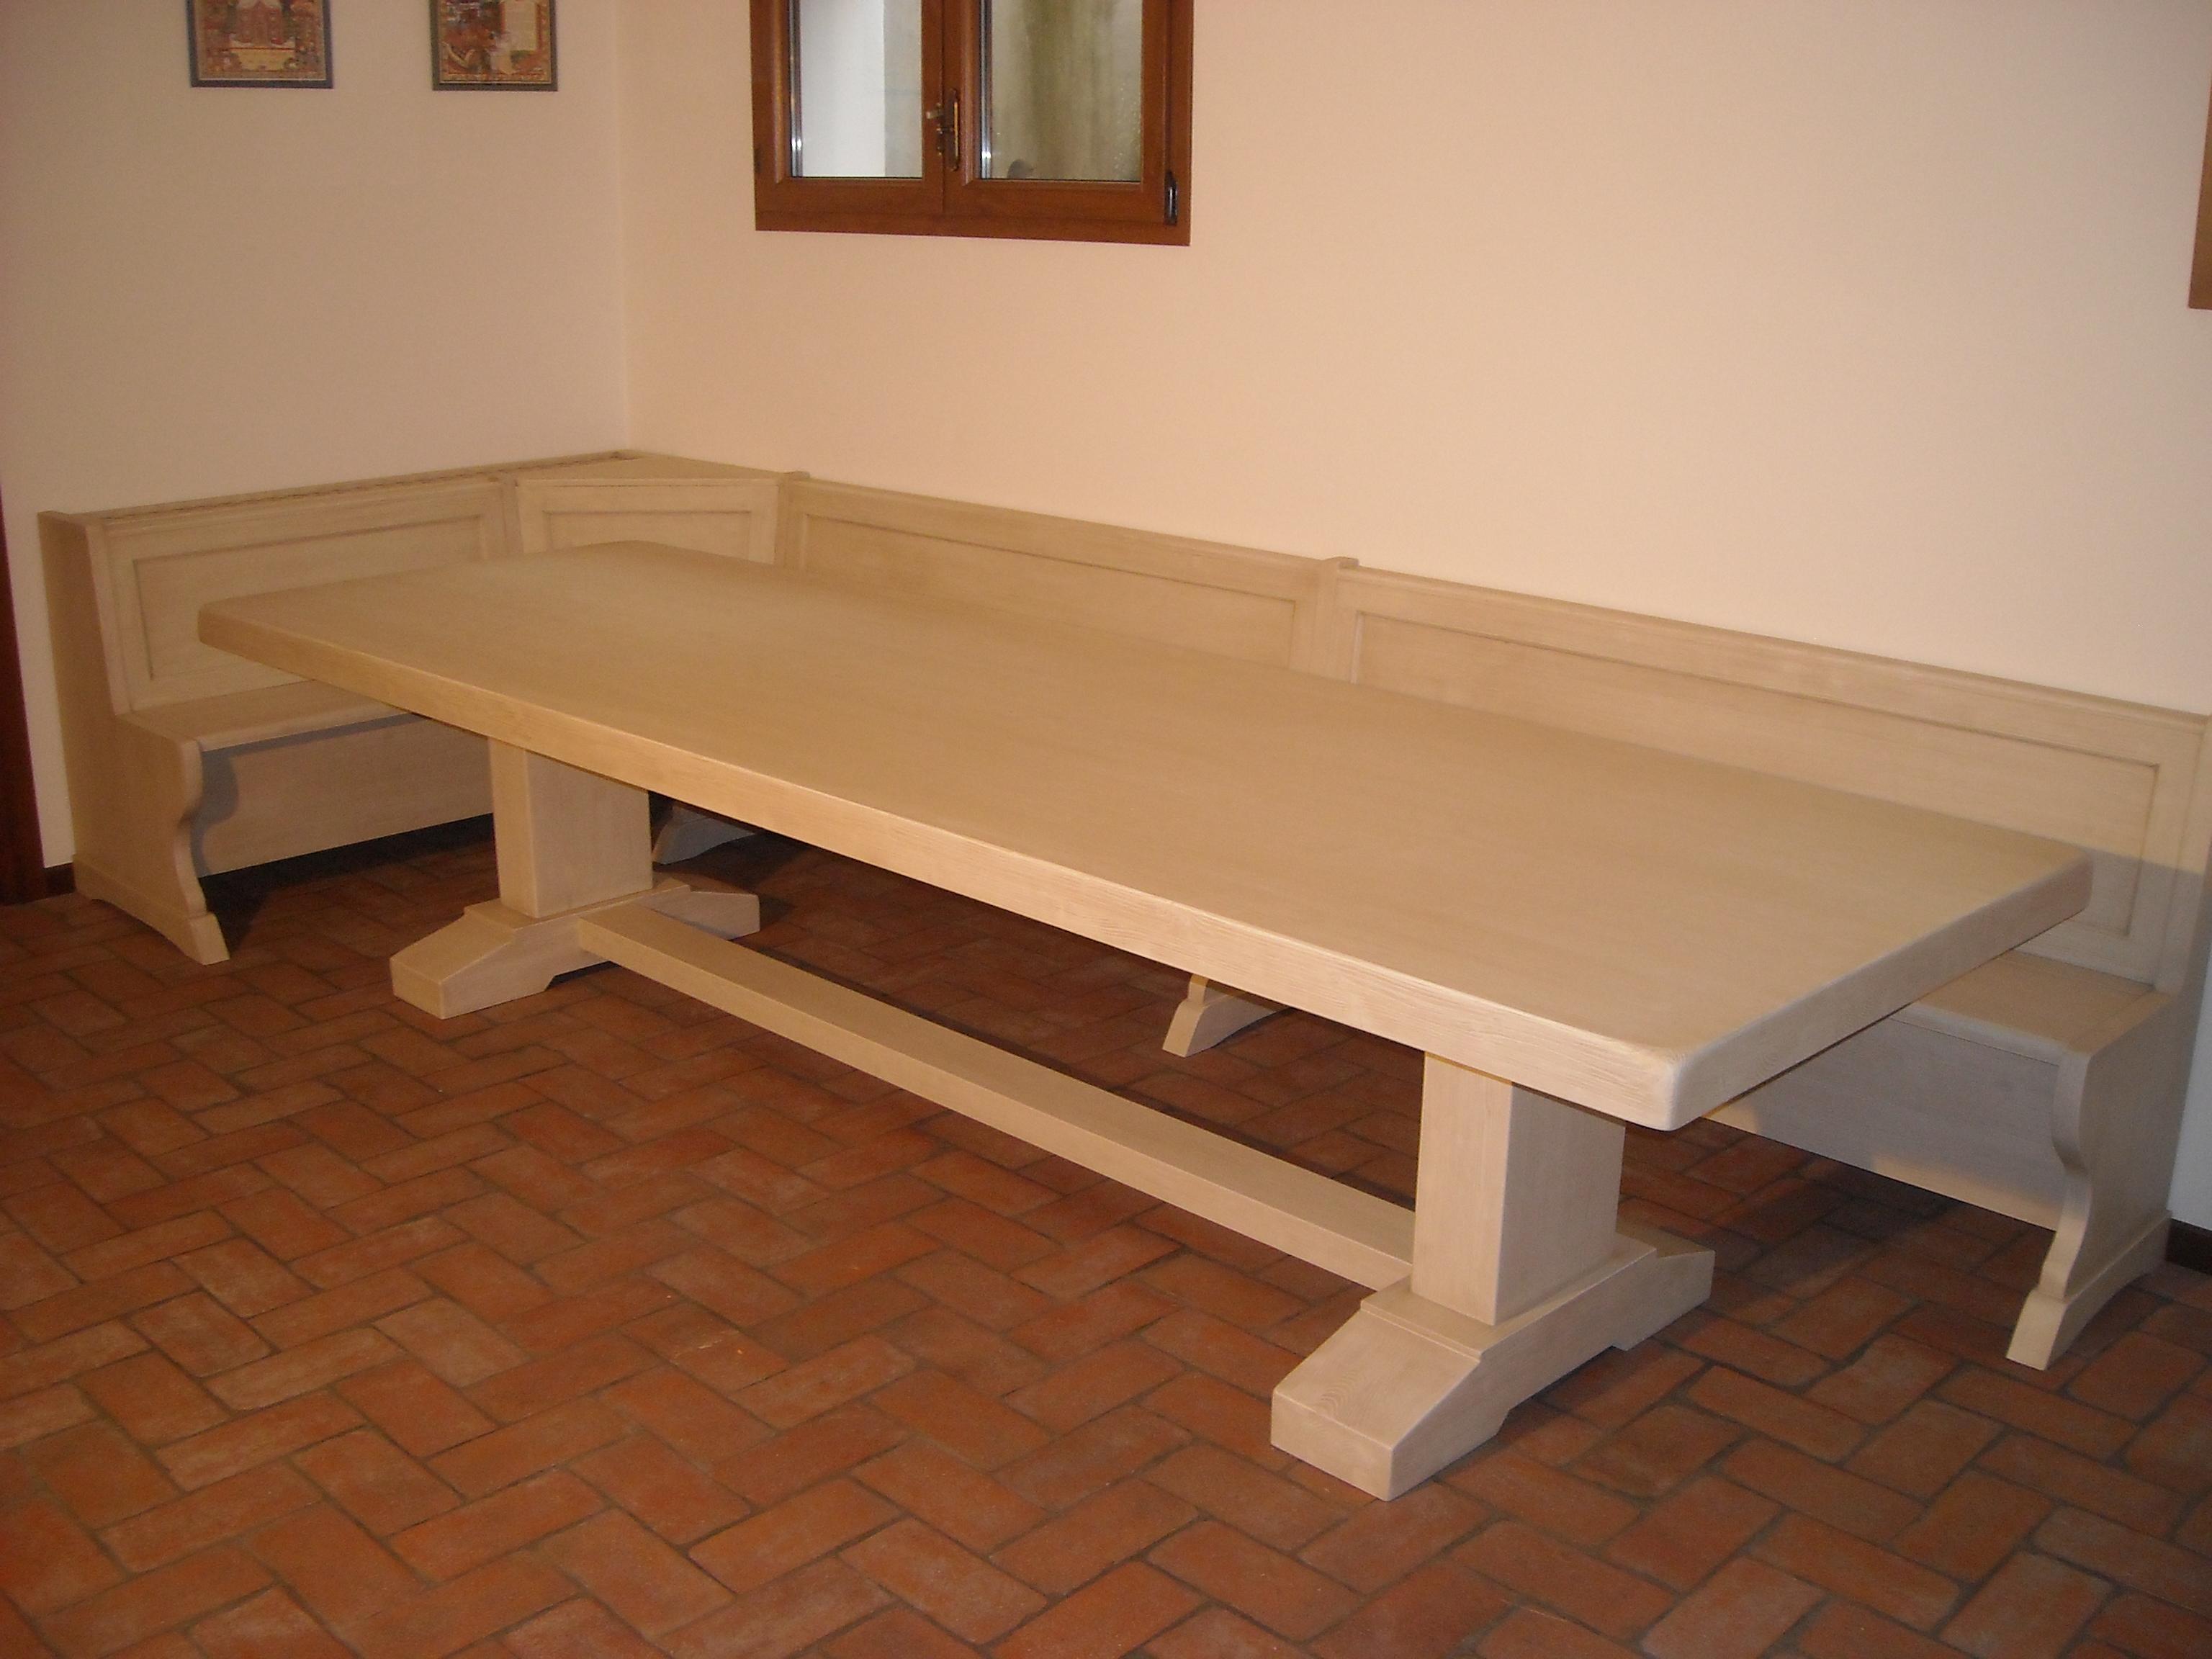 tavolo con giropanca su misura Roma ESCAPE='HTML'